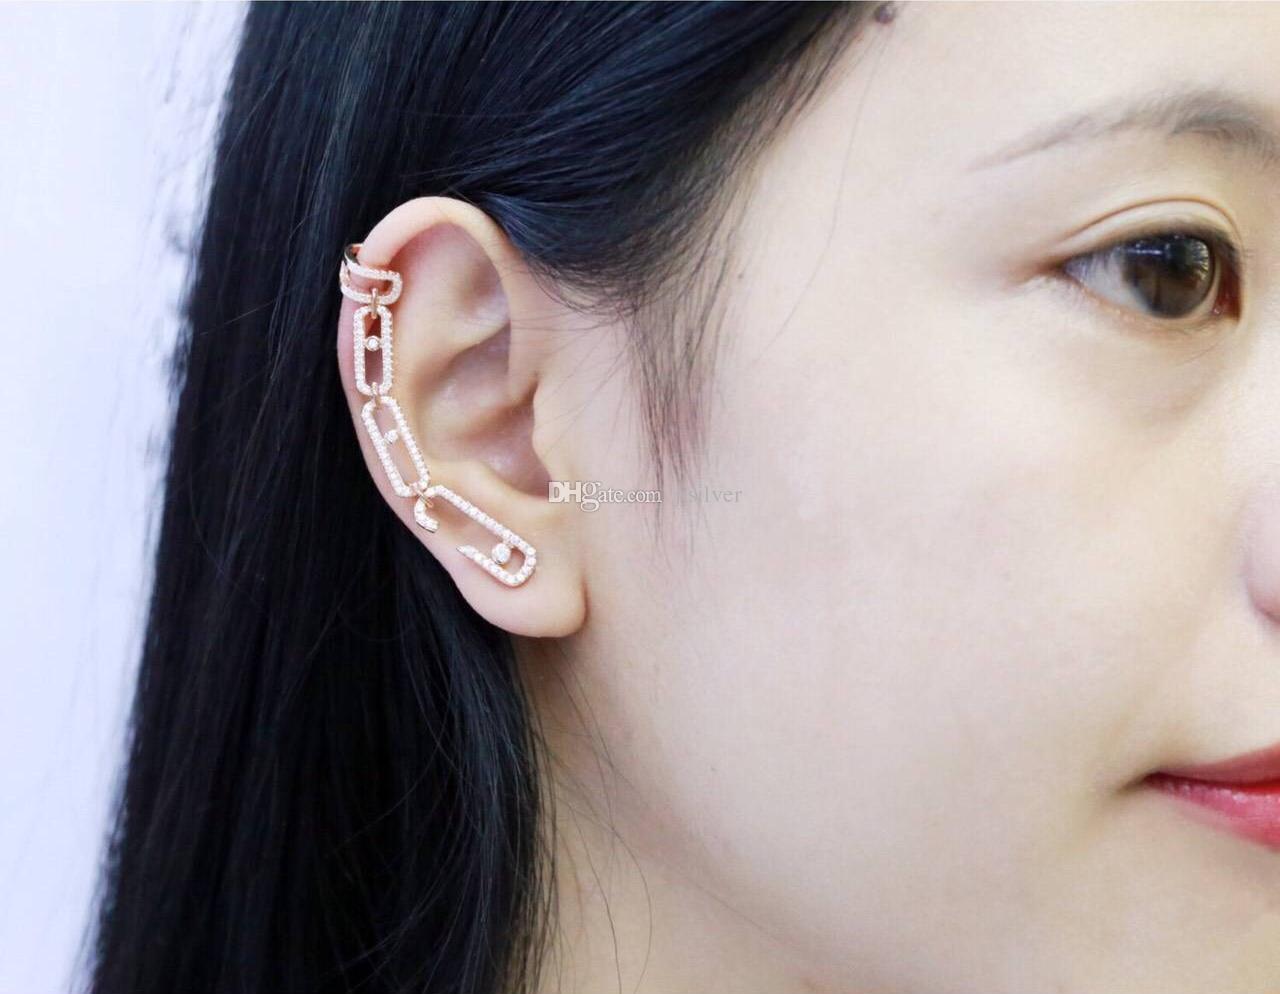 Women Jewelry 925 Sterling Silver boucle d'oreille femme 2017 Geometric Moving stone Ear Cuff Earrings 3A Zirconia Unicorn Pin Asymmetric